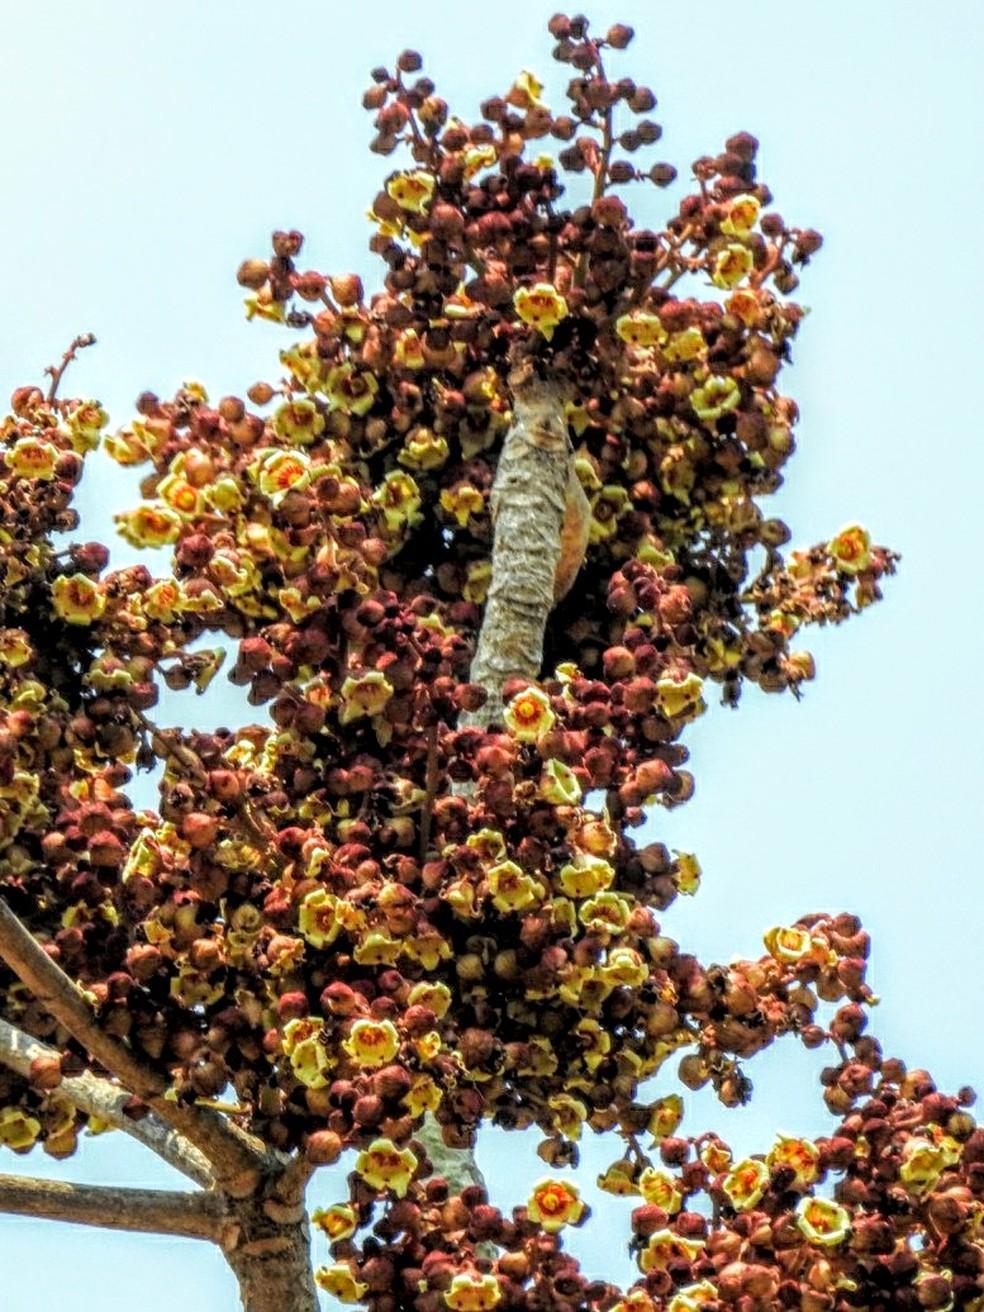 Sterculia Chicomendesii ocorre em várias partes do Acre, inclusive na Reserva Extrativista Chico Mendes — Foto: Marcos Silveira/Arquivo pessoal